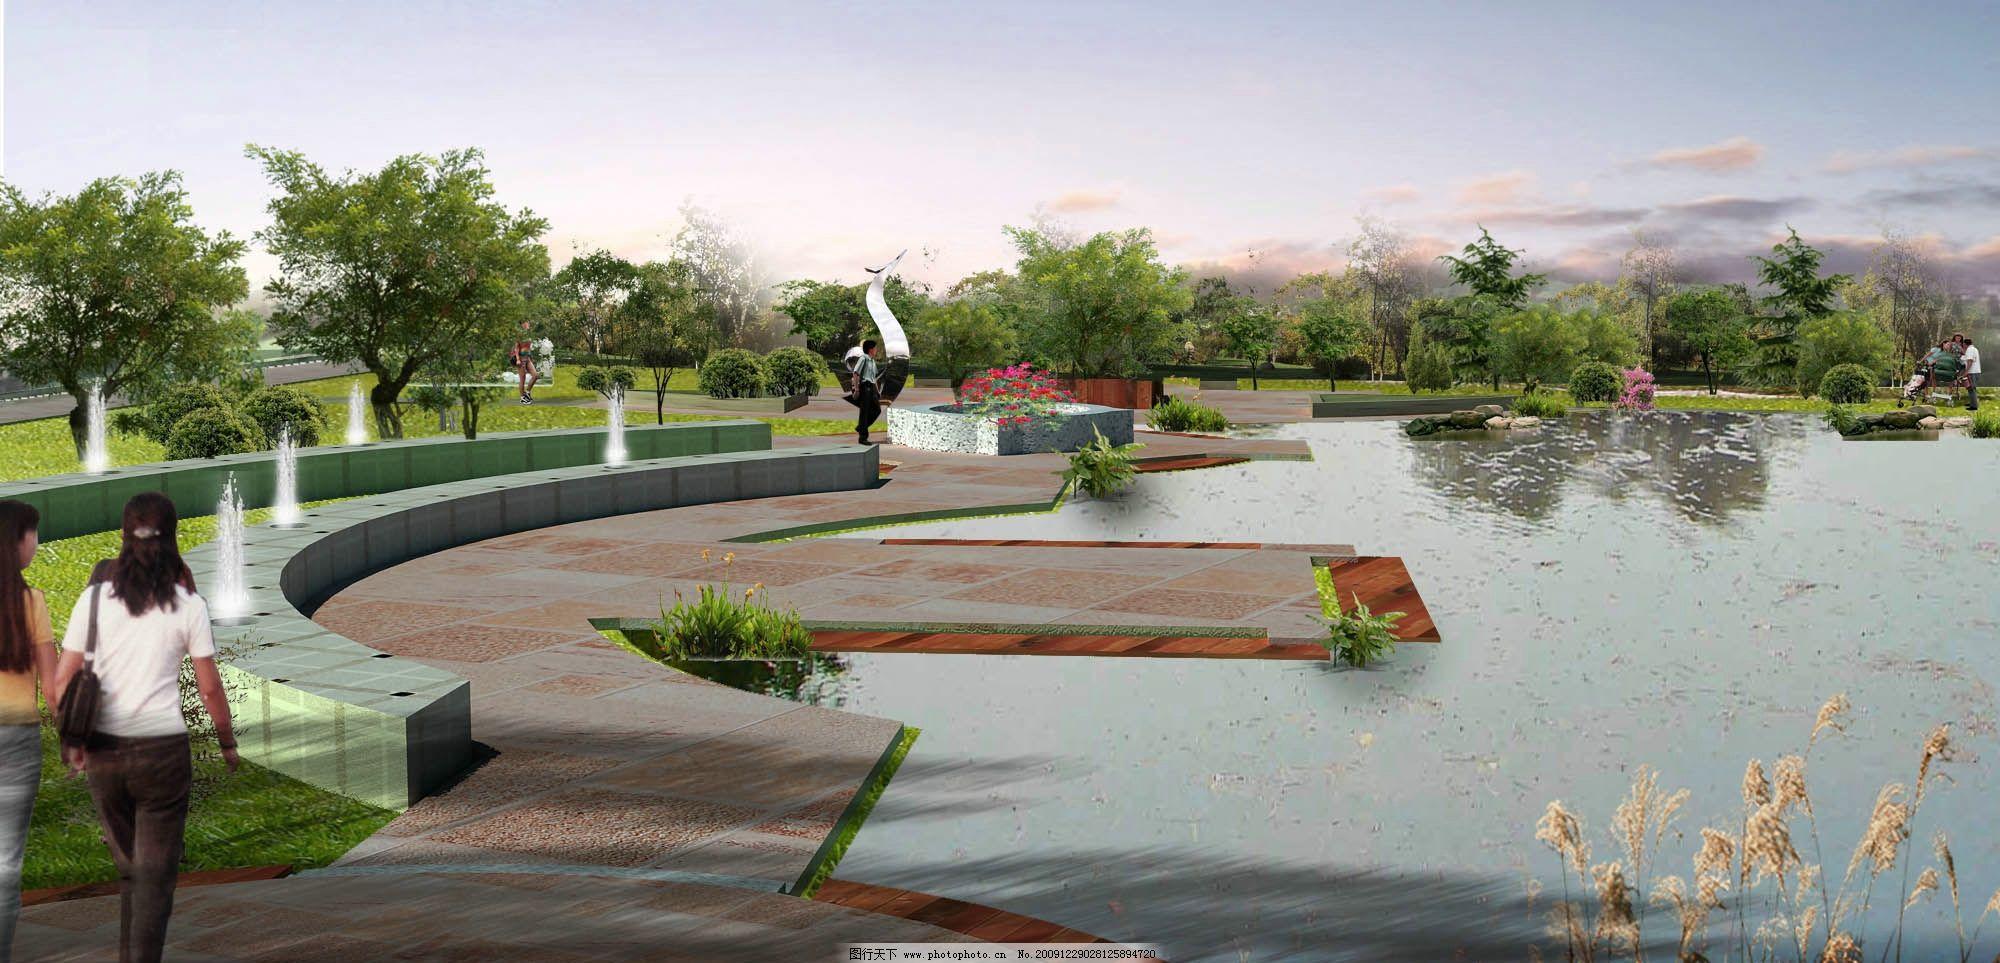 室外效果图 景观规划 景区 公共休闲场所 休闲 广场 环境设计 景观